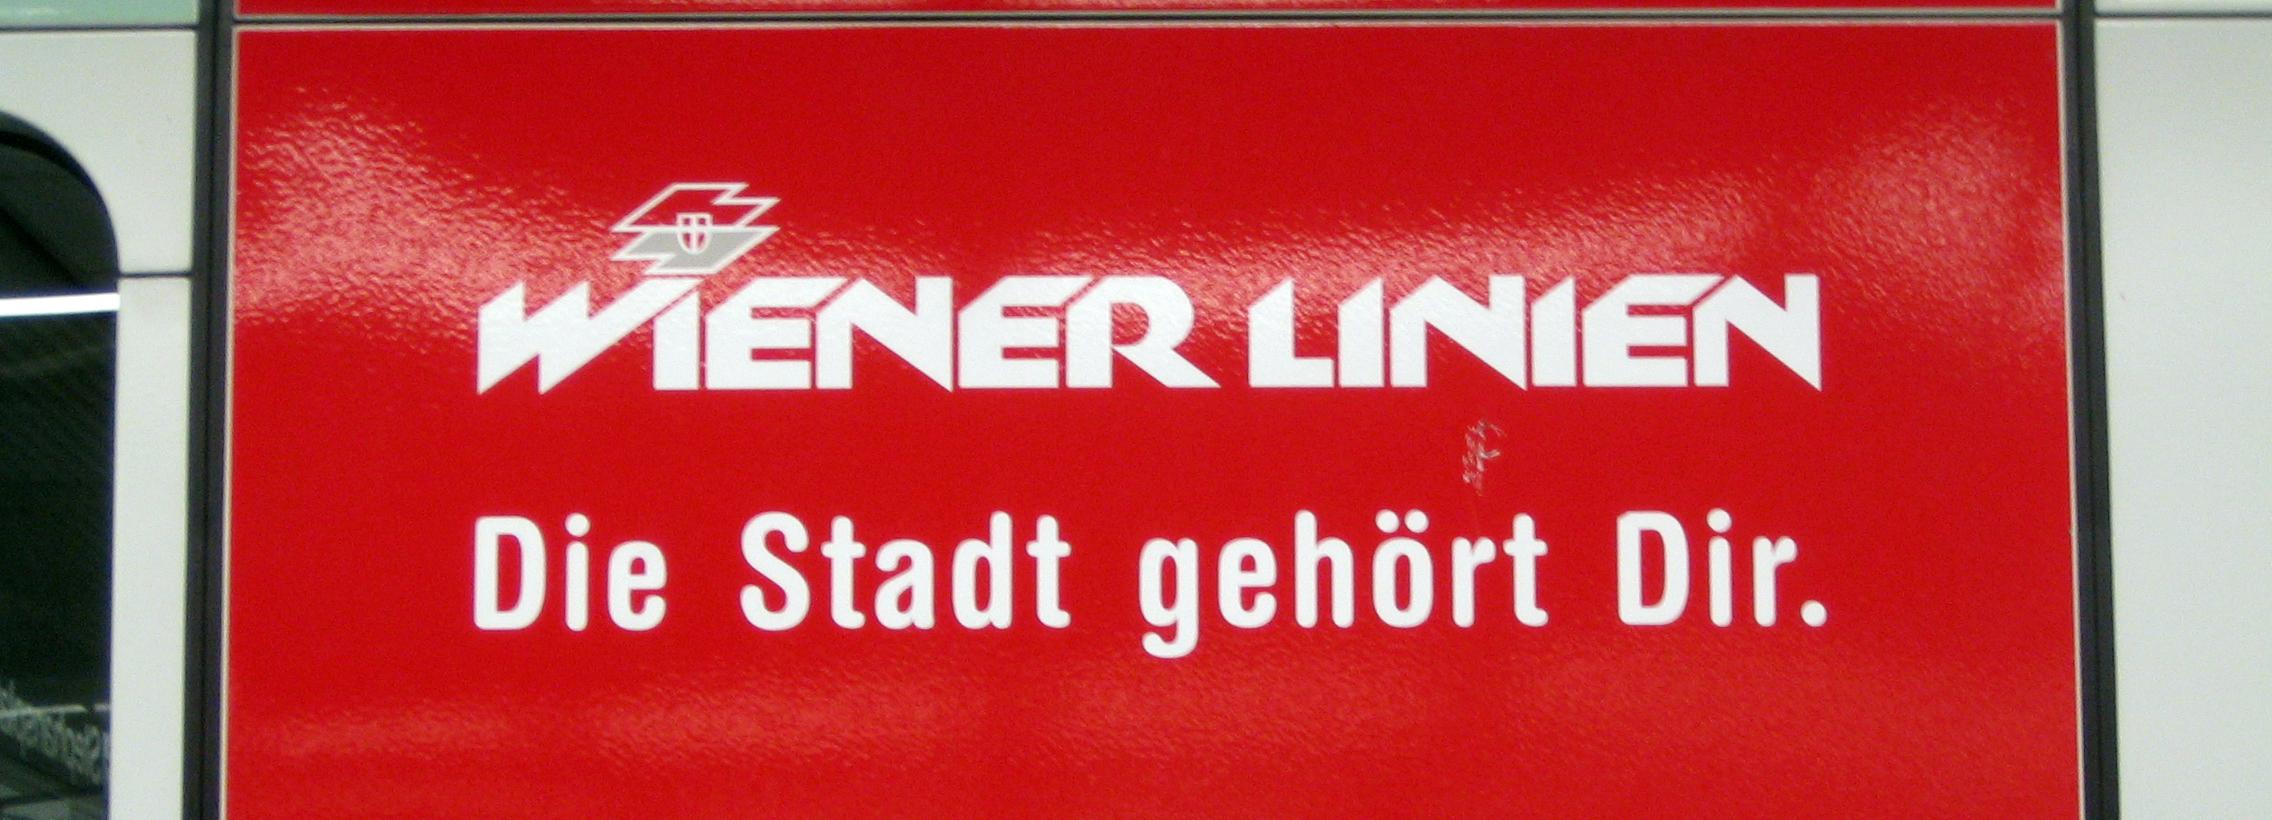 Wiener Linien: Die Stadt gehört Dir.